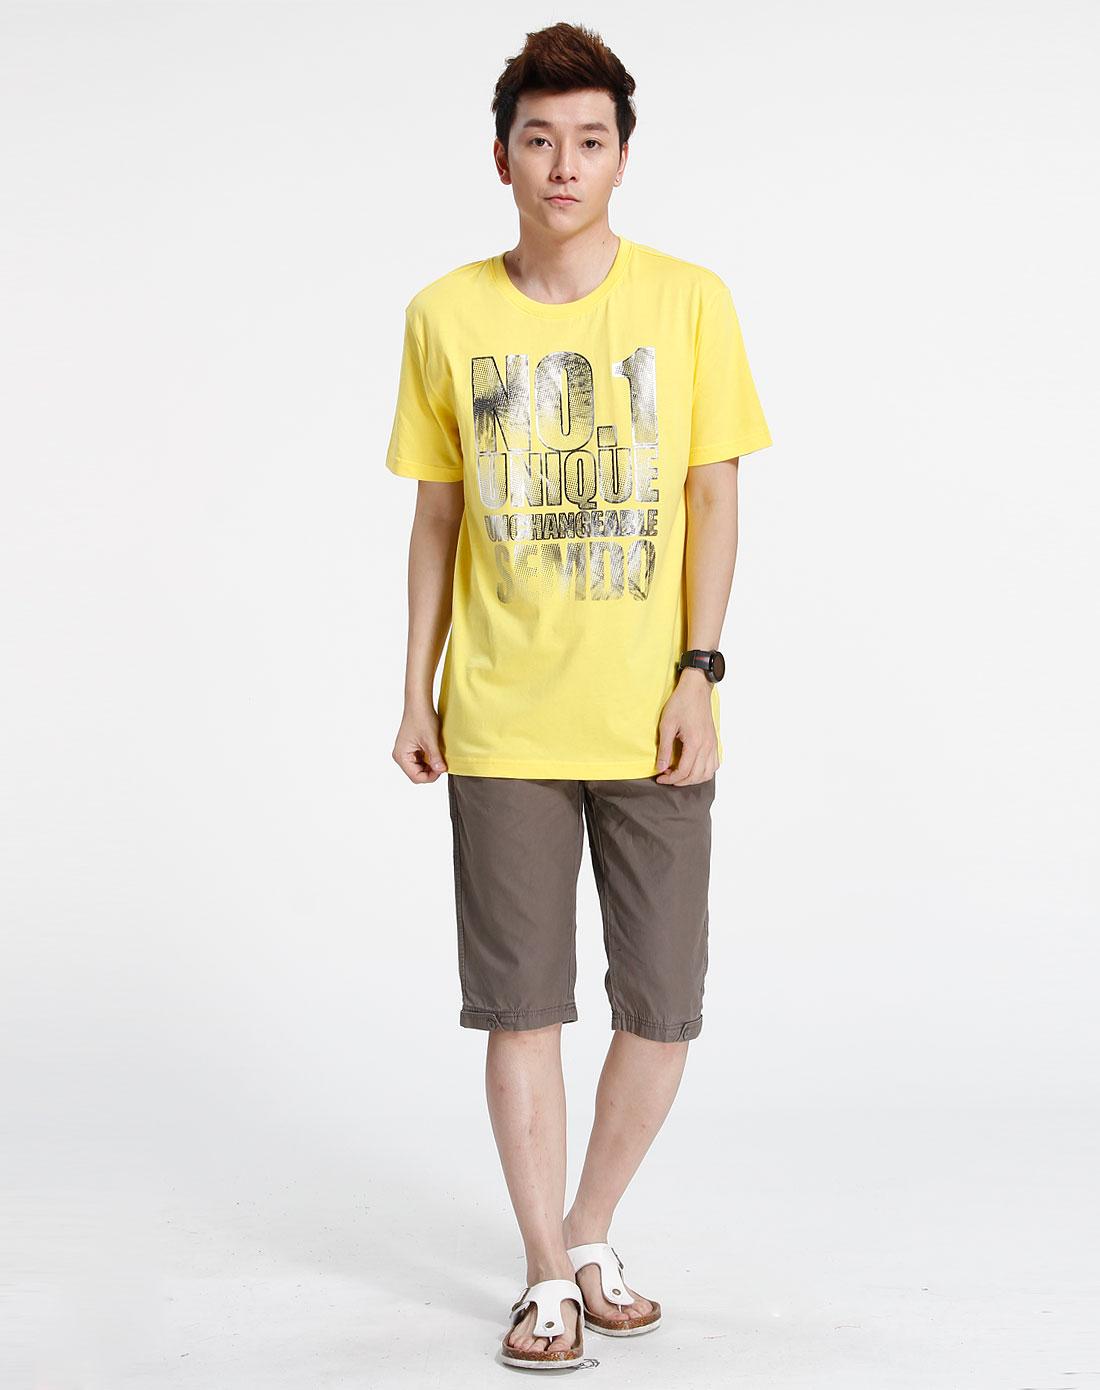 森马-男装-黄色印字短袖t恤图片